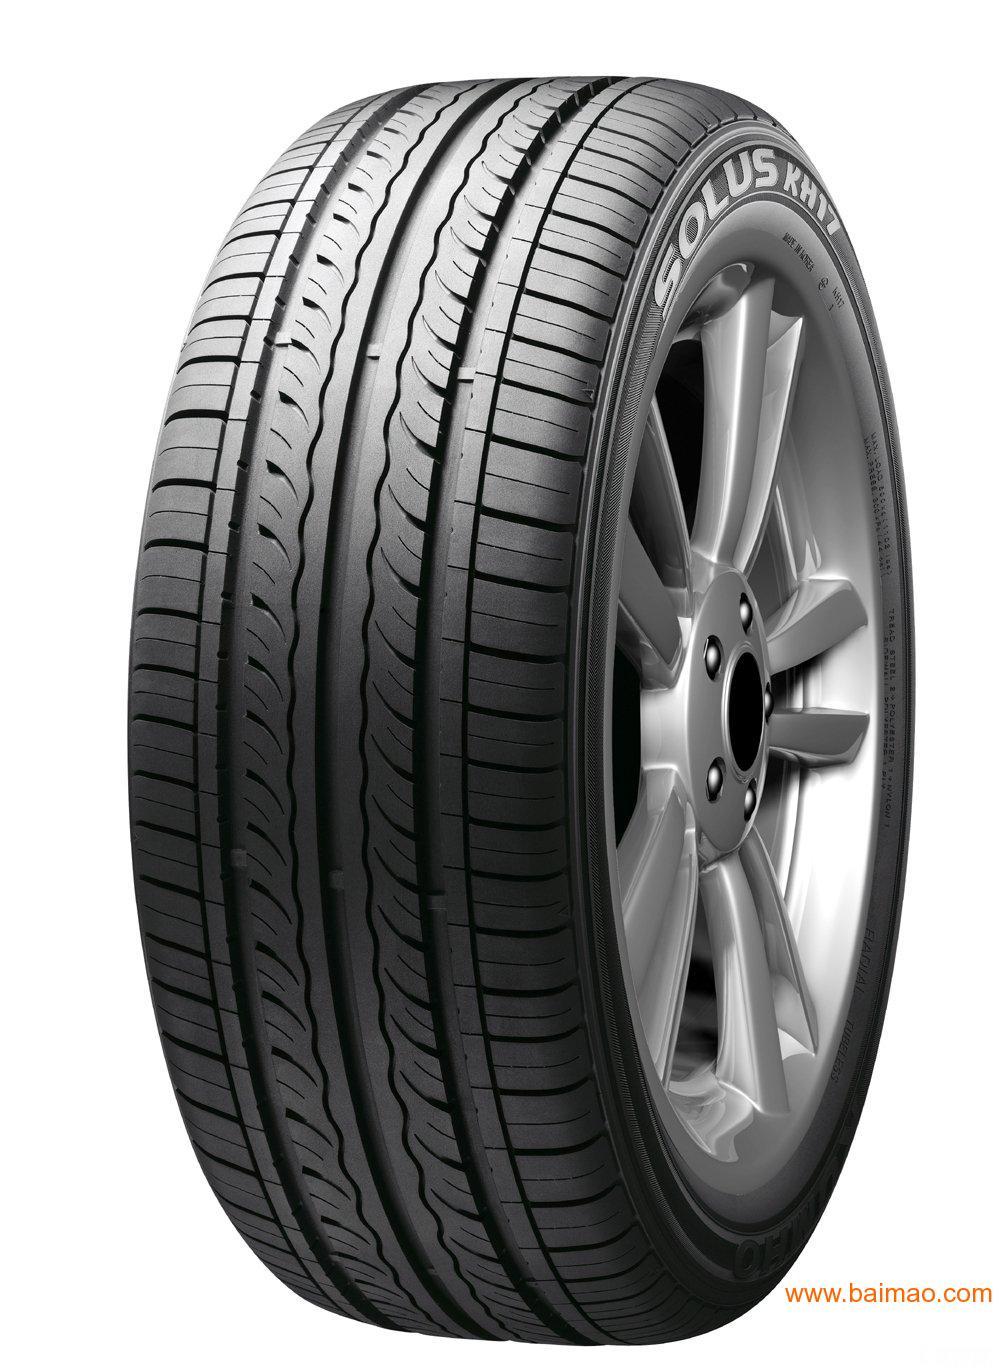 锦湖轮胎,深圳锦湖轮胎,锦湖轮胎价格,锦湖轮胎批发